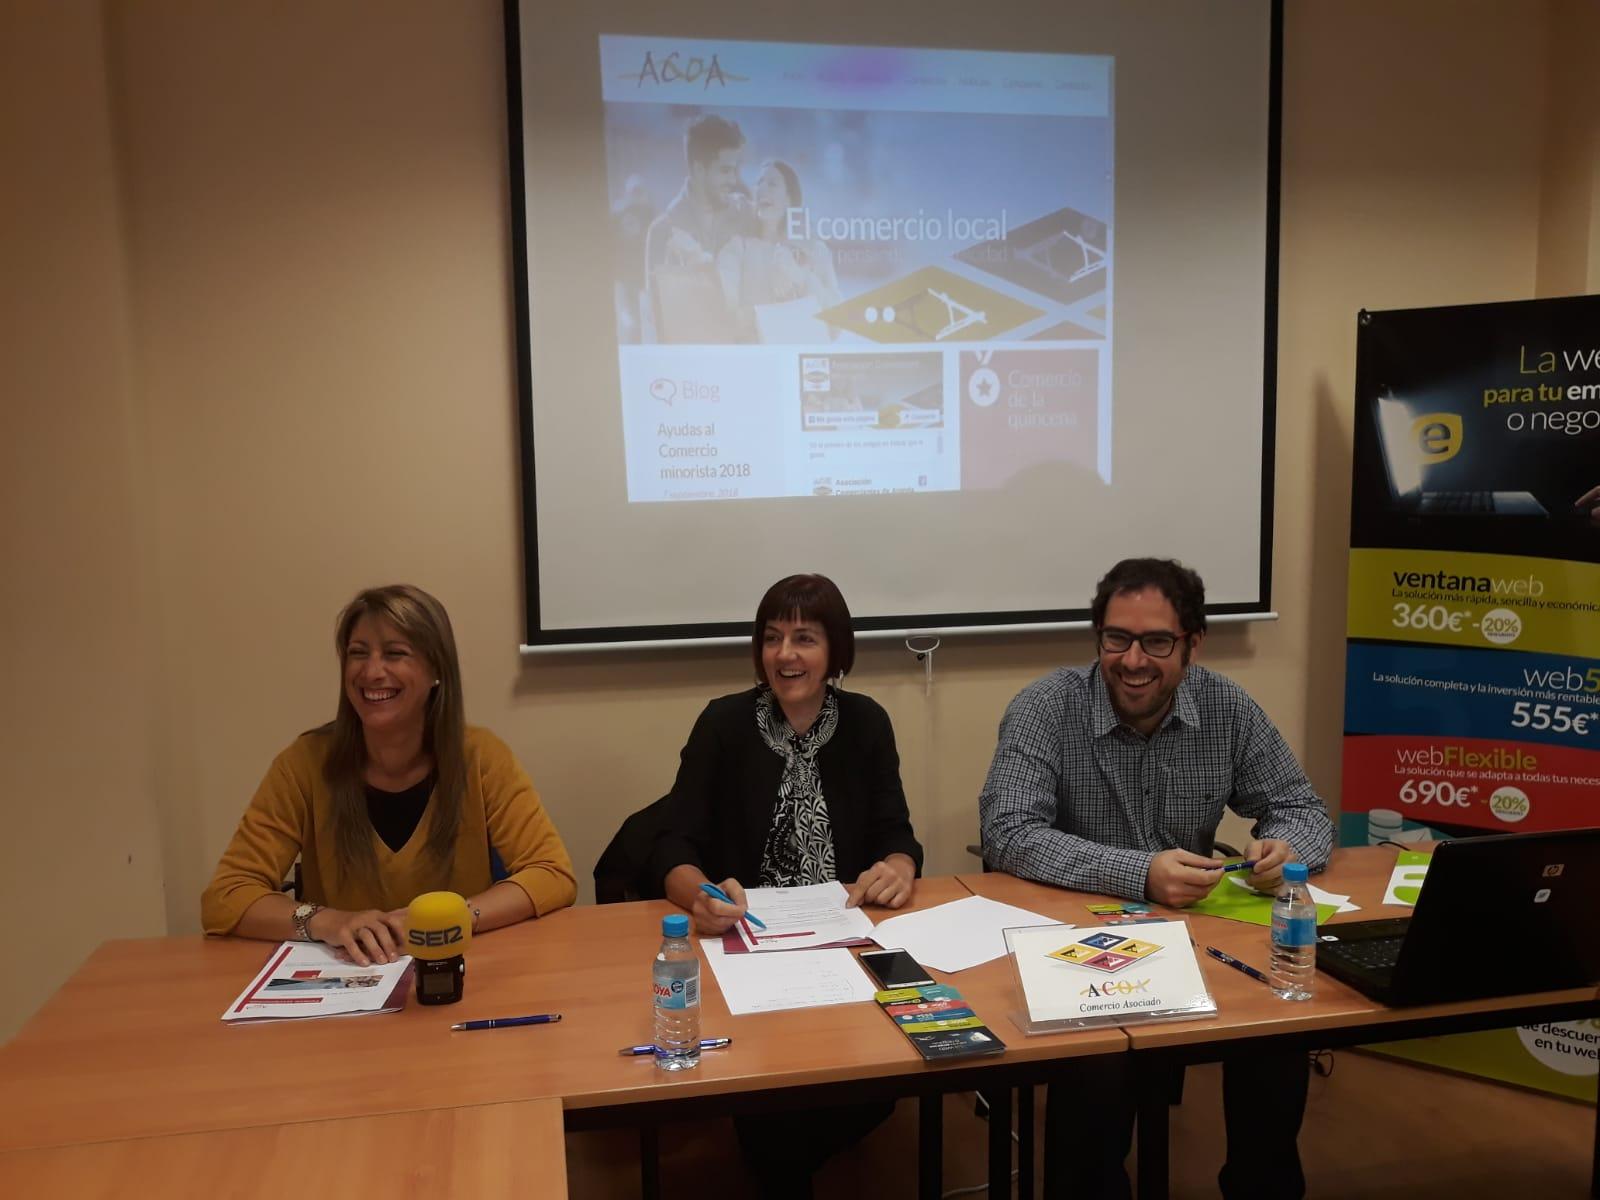 De Izquierda a derecha. Susana de las Heras, presidenta de ACOA, Pilar Monzón, vicepresidenta de ACOA y José Félix Criado, representante de ECOPLANES , Imart,